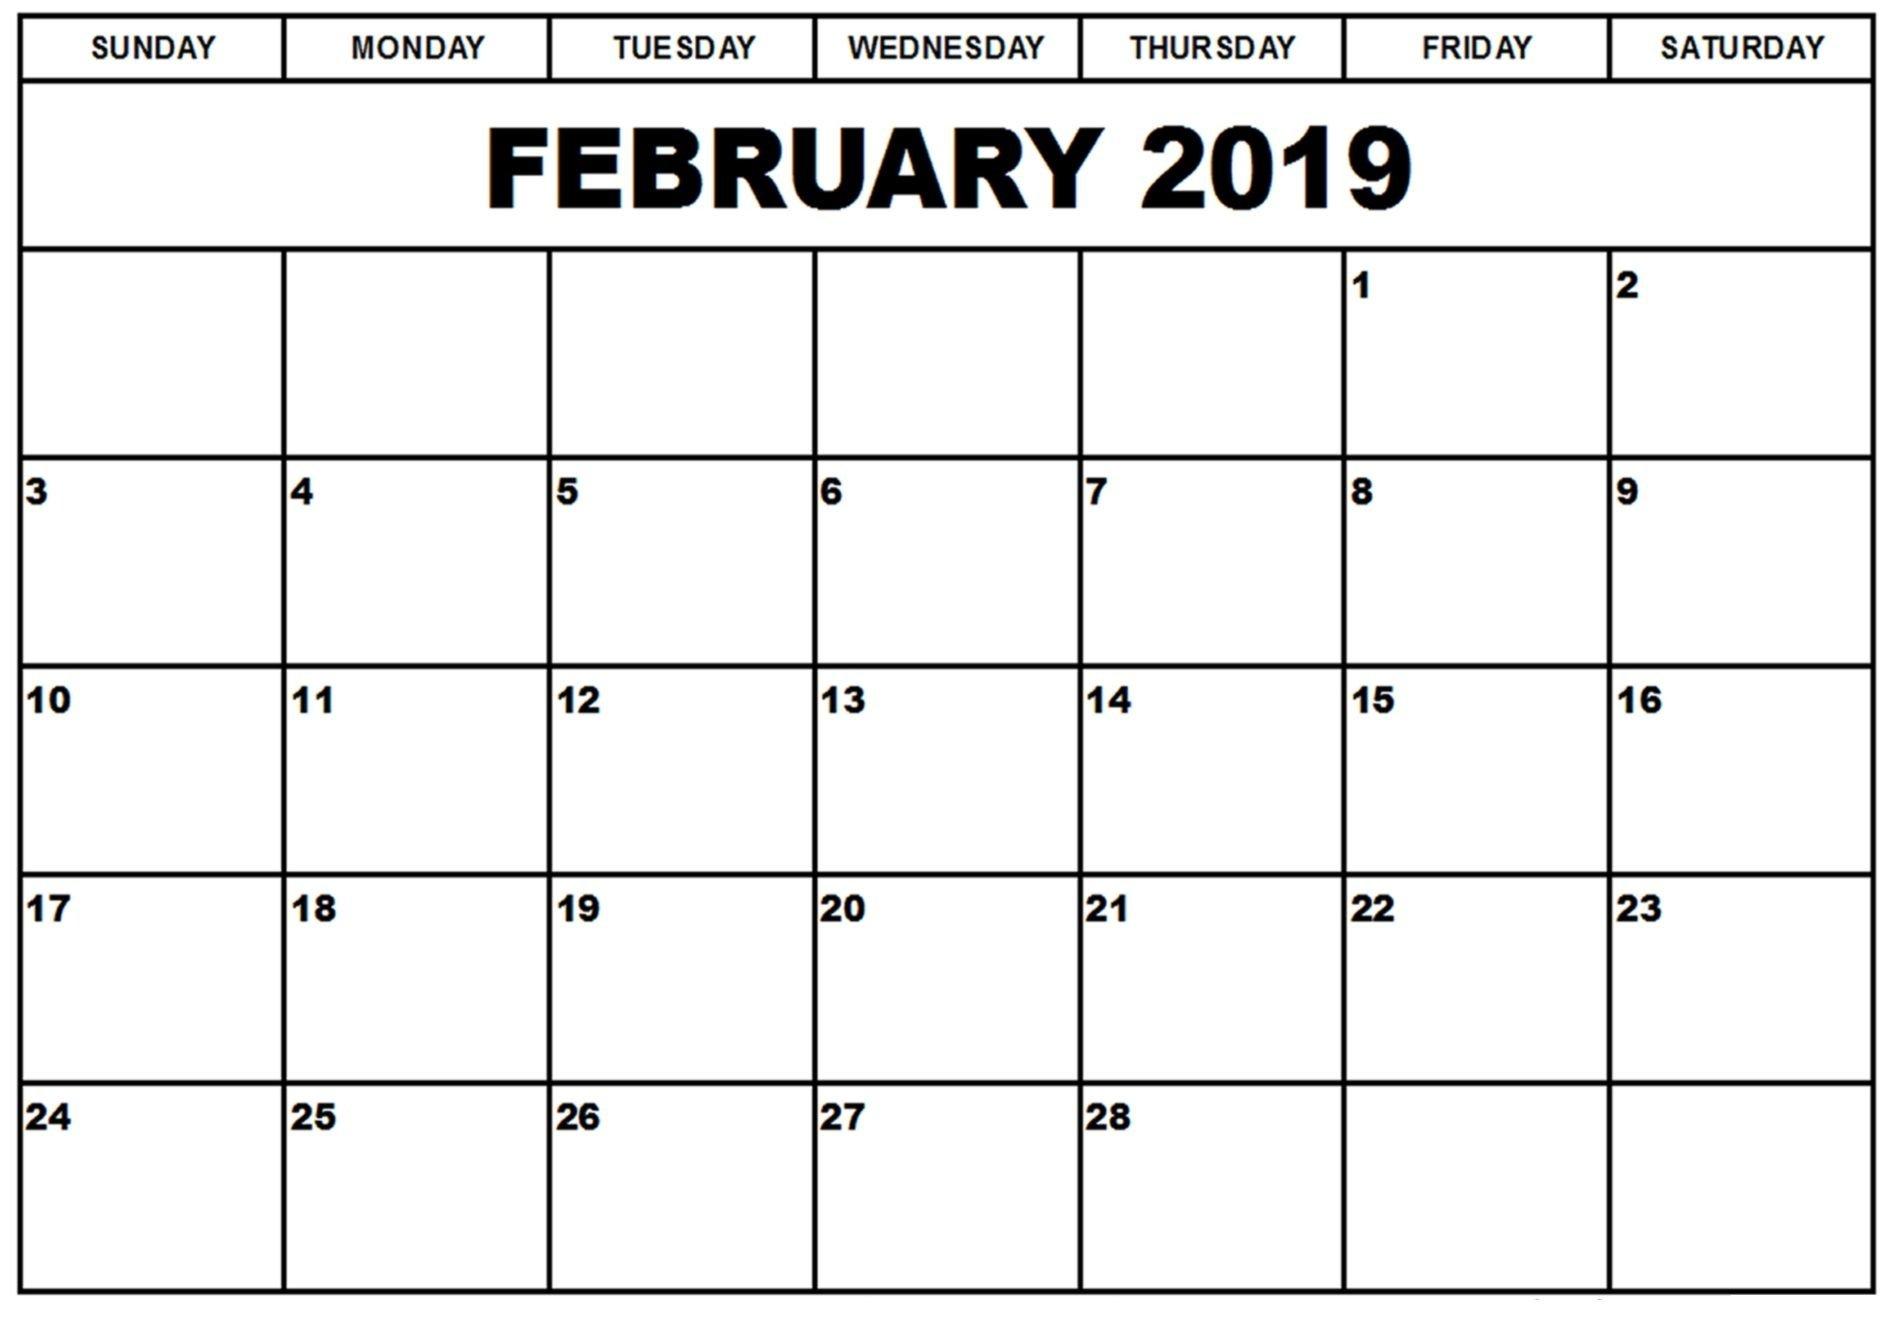 Show February 2019 Calendar | Calendar Format Example Show A 2019 Calendar